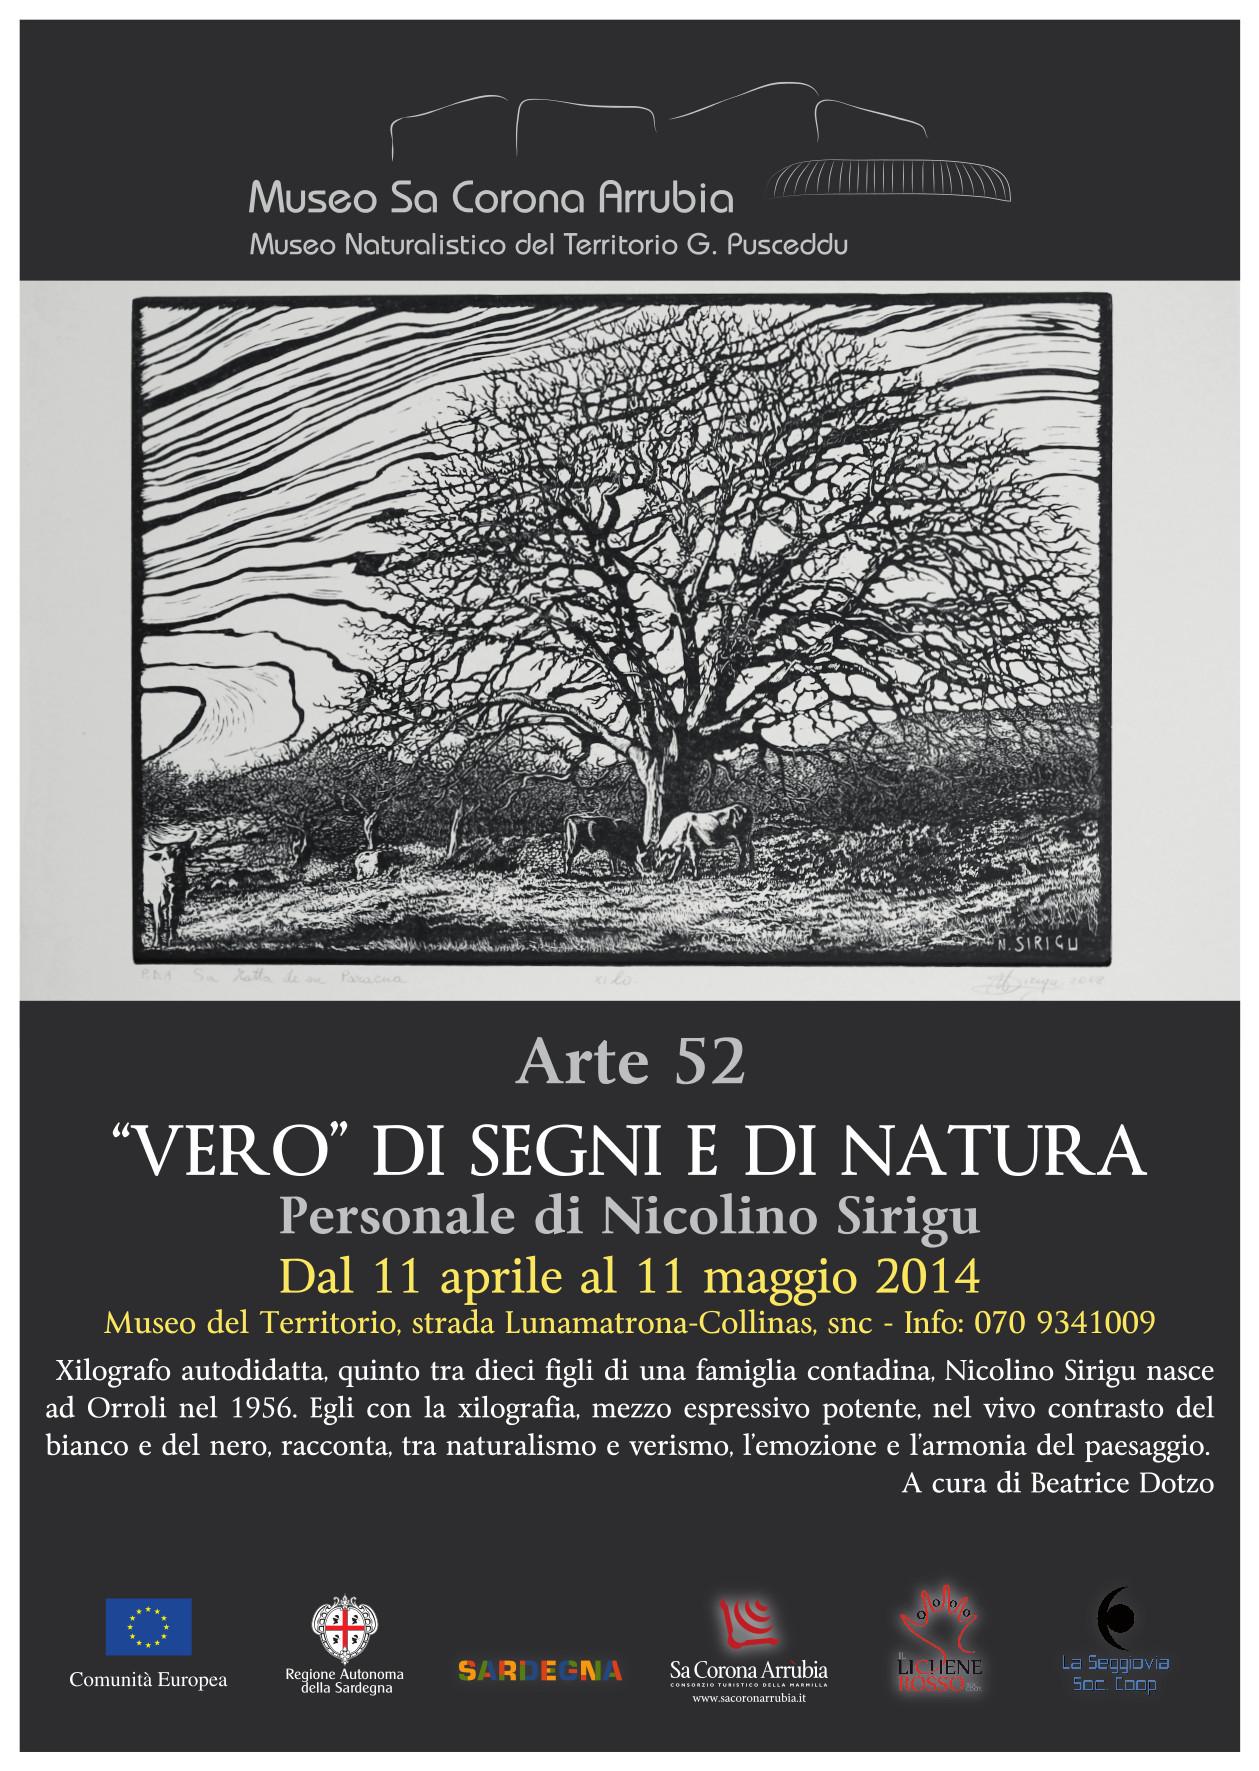 """""""VERO"""" DI SEGNI E DI NATURA   Personale di Nicolino Sirigu  Dal 11 aprile al 11 maggio 2014  Museo naturalistico del territorio """"G. Pusceddu""""    strada Lunamatrona-Collinas"""